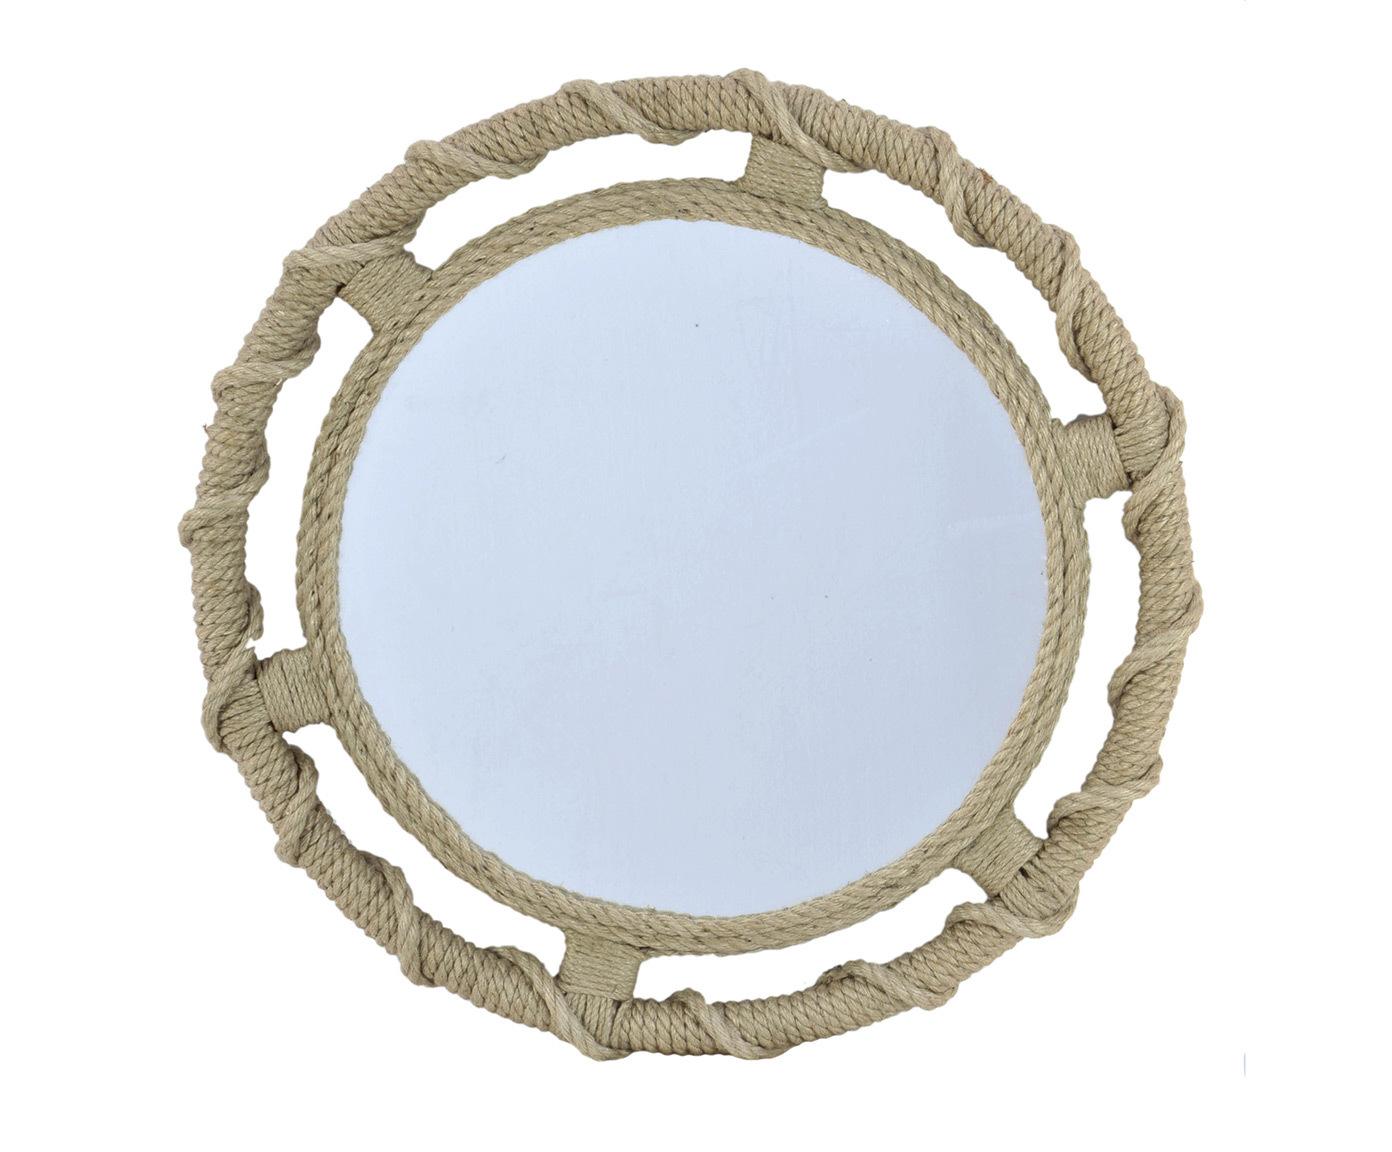 Зеркало BaukisНастенные зеркала<br><br><br>Material: Джут<br>Ширина см: 60.0<br>Высота см: 60.0<br>Глубина см: 4.0